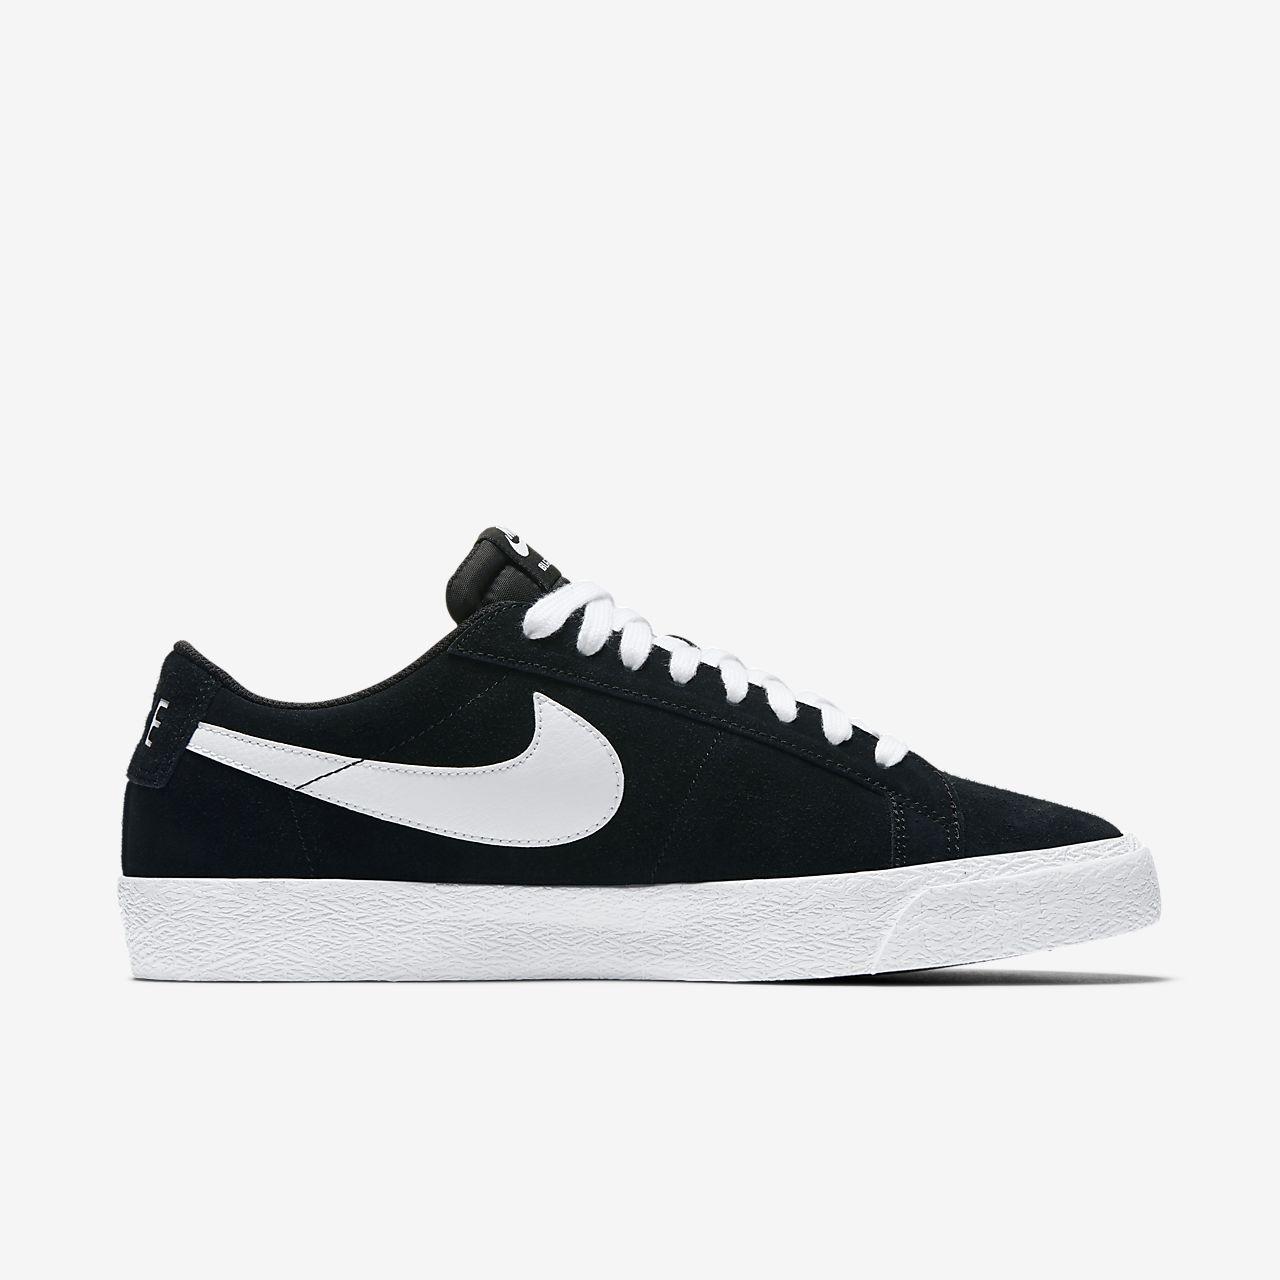 Nike Zoom Blazer Sb Chaussures Basses Noir Blanc cBUnjHQ3Jm